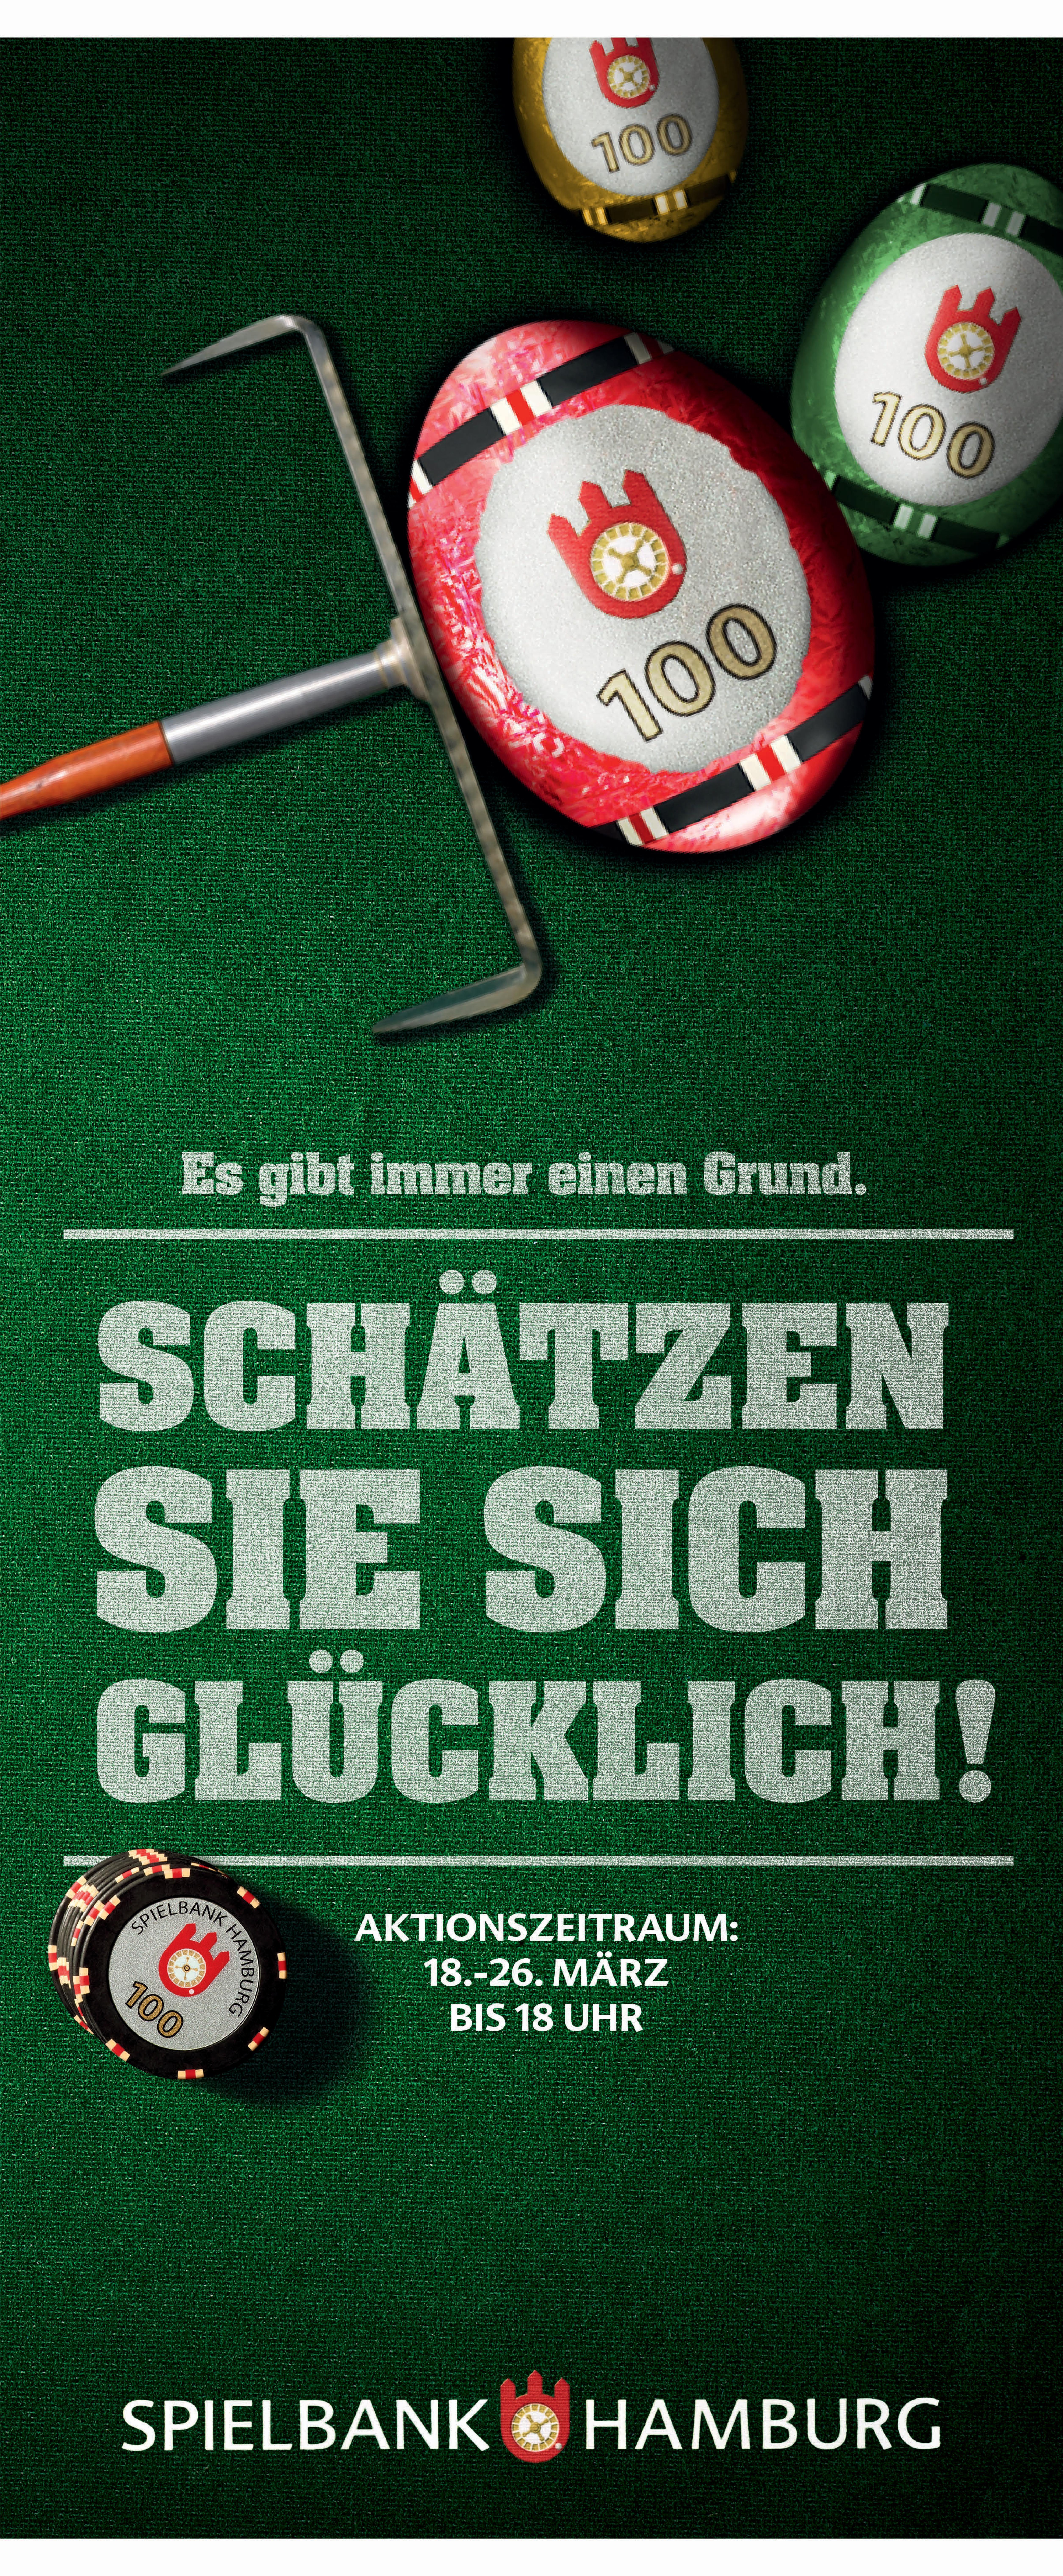 Spielbank_Osterschaetzaktion_RollUp_850x2060_20160229-page-001